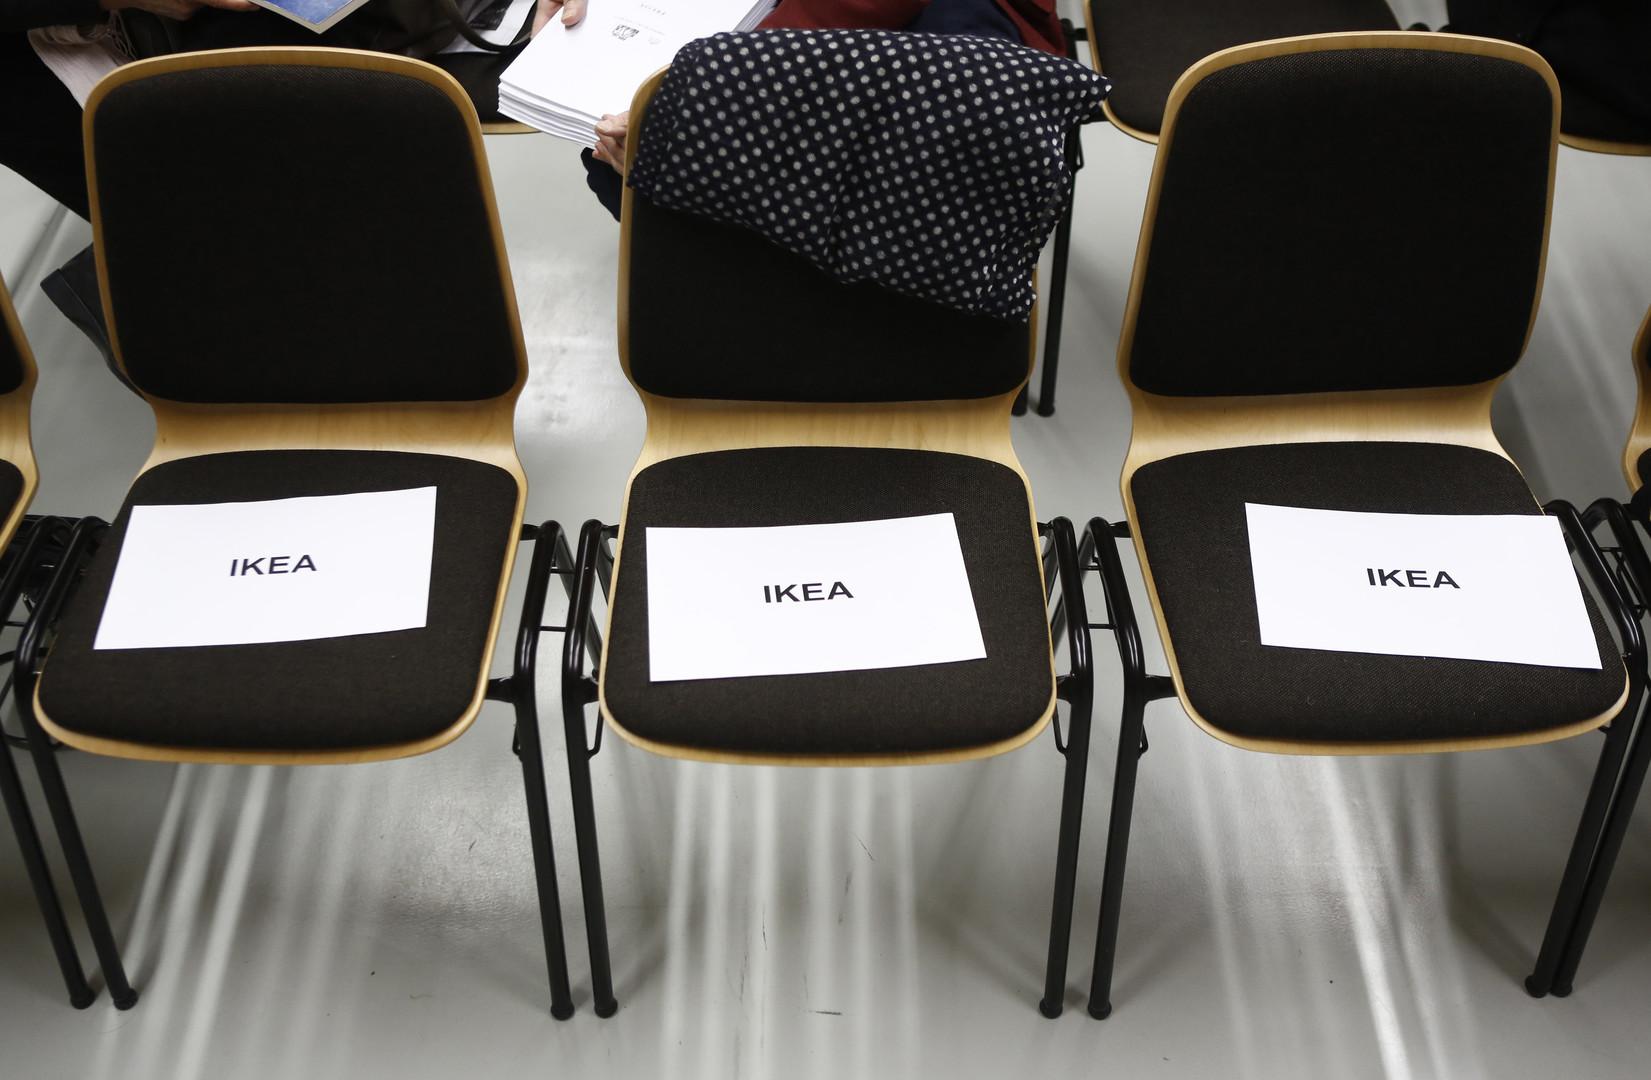 IKEA holzt ab: Schwedischer Konzern soll Nutzwälder aus illegalen Mafia-Beständen erworben haben